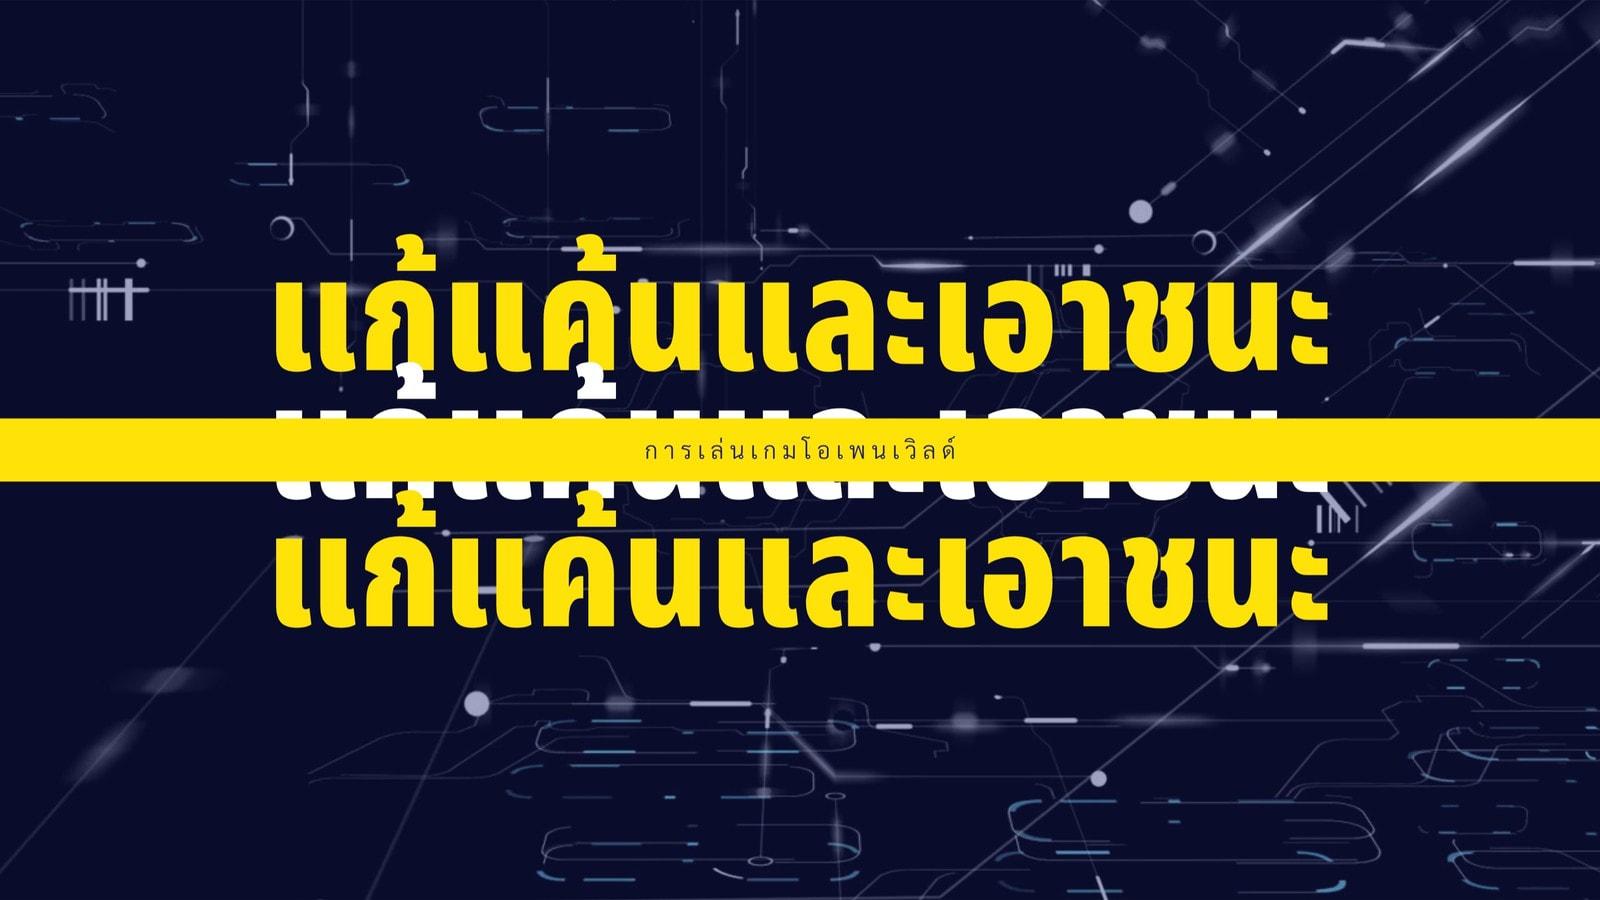 อินโทร ยูทูบ การเล่นวิดีโอเกม แม็กซิมอลิสม์ ล้ำสมัย สีขาวและสีดำ สีเหลือง